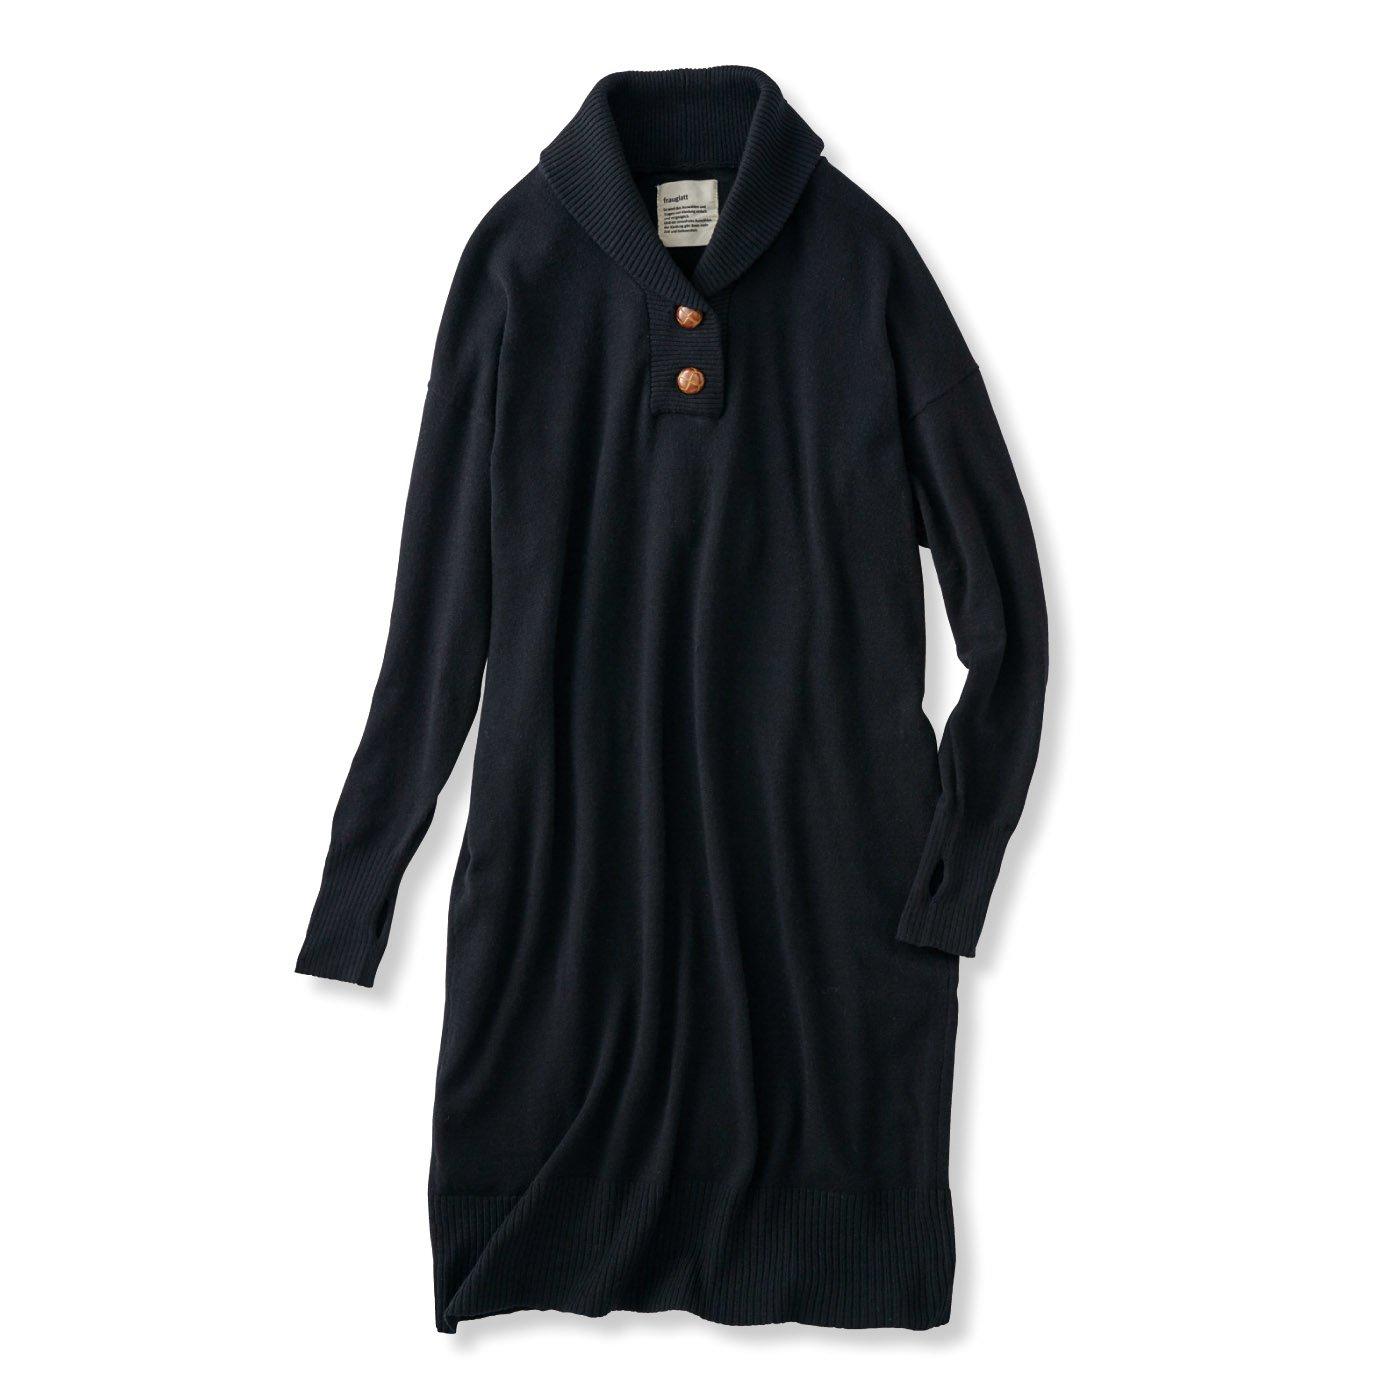 フラウグラット 衿まわりあったか 革くるみ風ボタンのふわっともっちりニットワンピース(帯電防止)〈ブラック〉